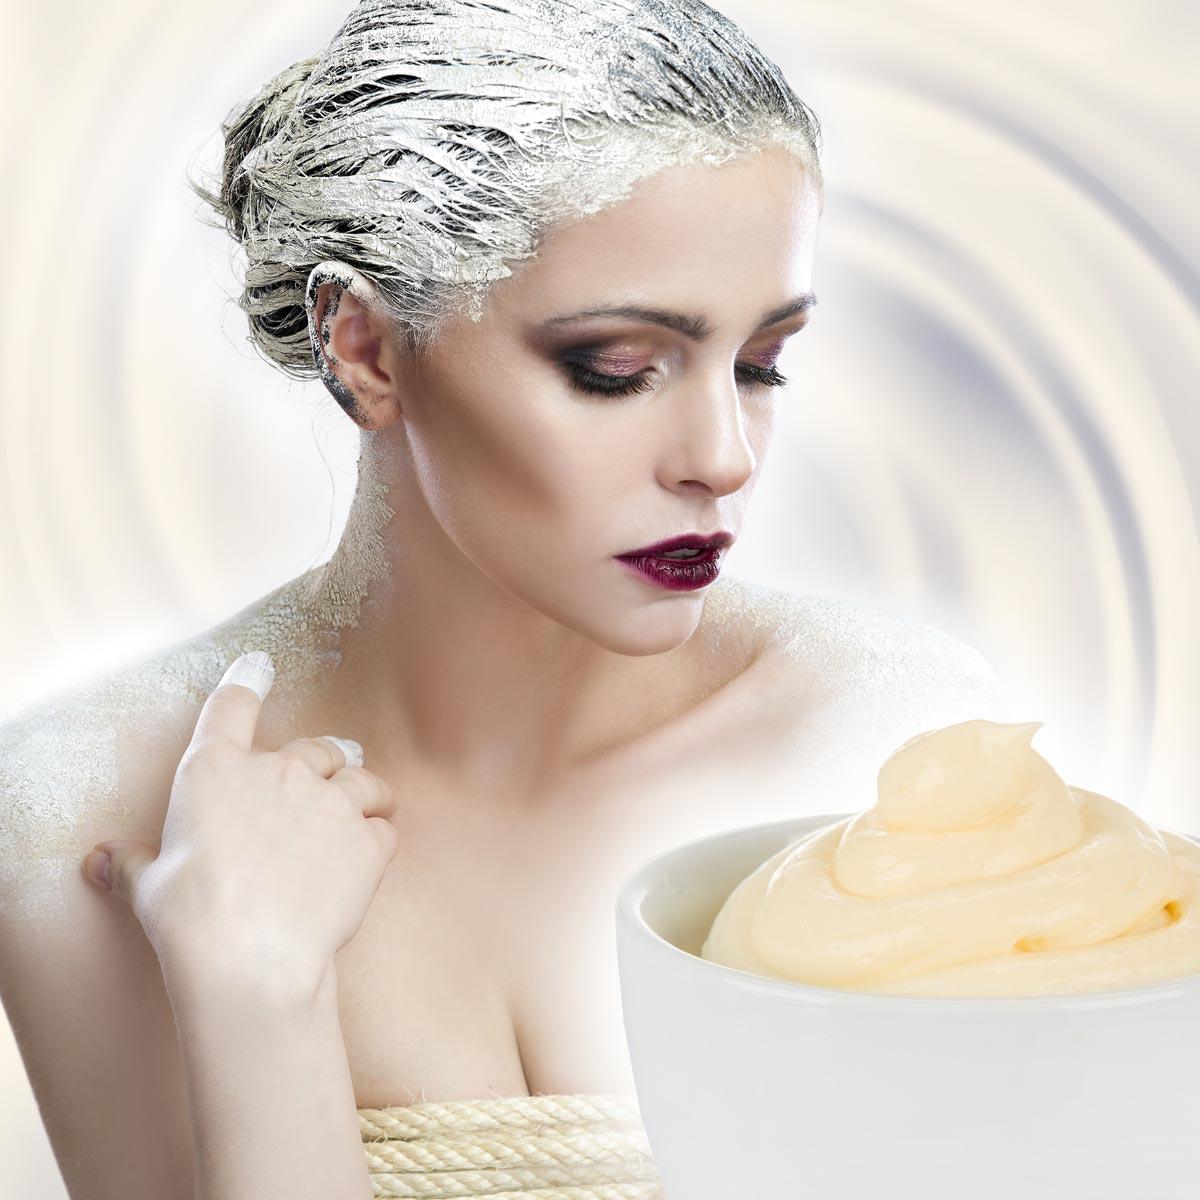 Vyrobte si vlastní přírodní kondicionér na vlasy. Možná vás překvapí, že jím je zcela obyčejná domácí majonéza.